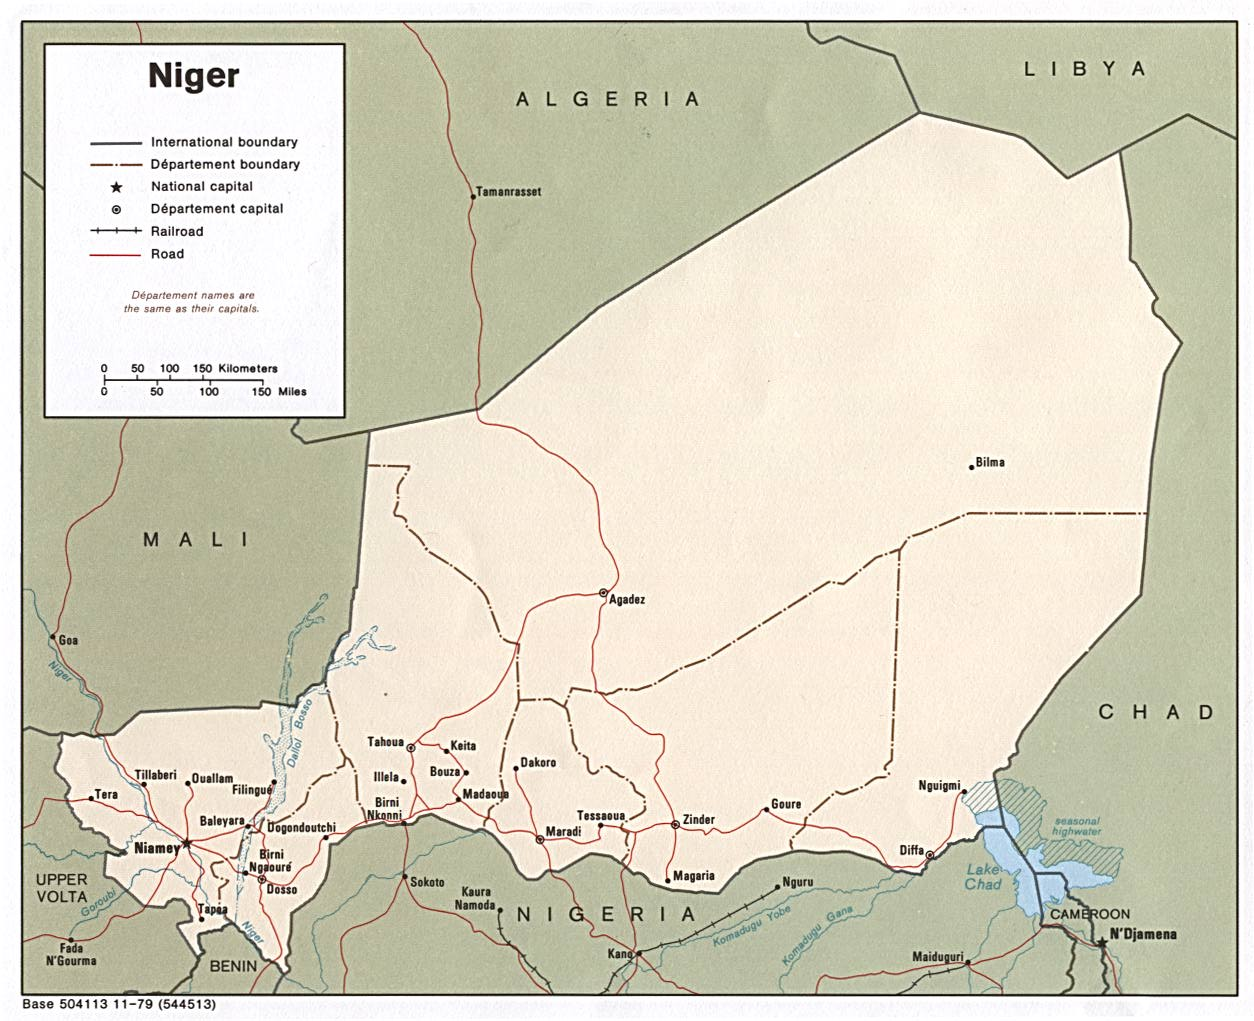 Niger Neighbours Map • Mapsof.net